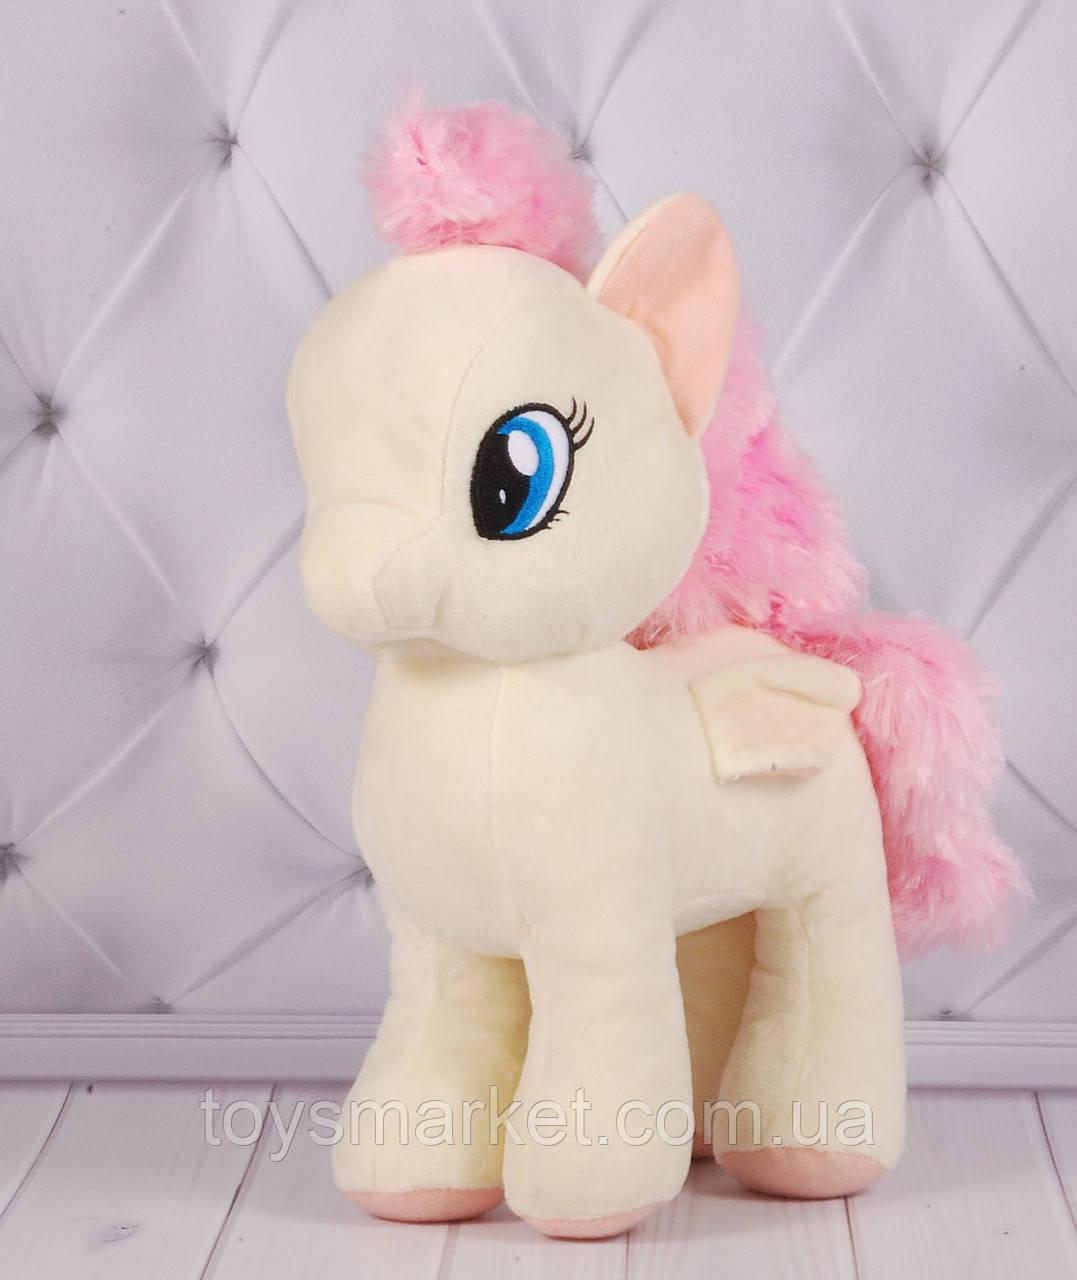 Мягкая игрушка Пони